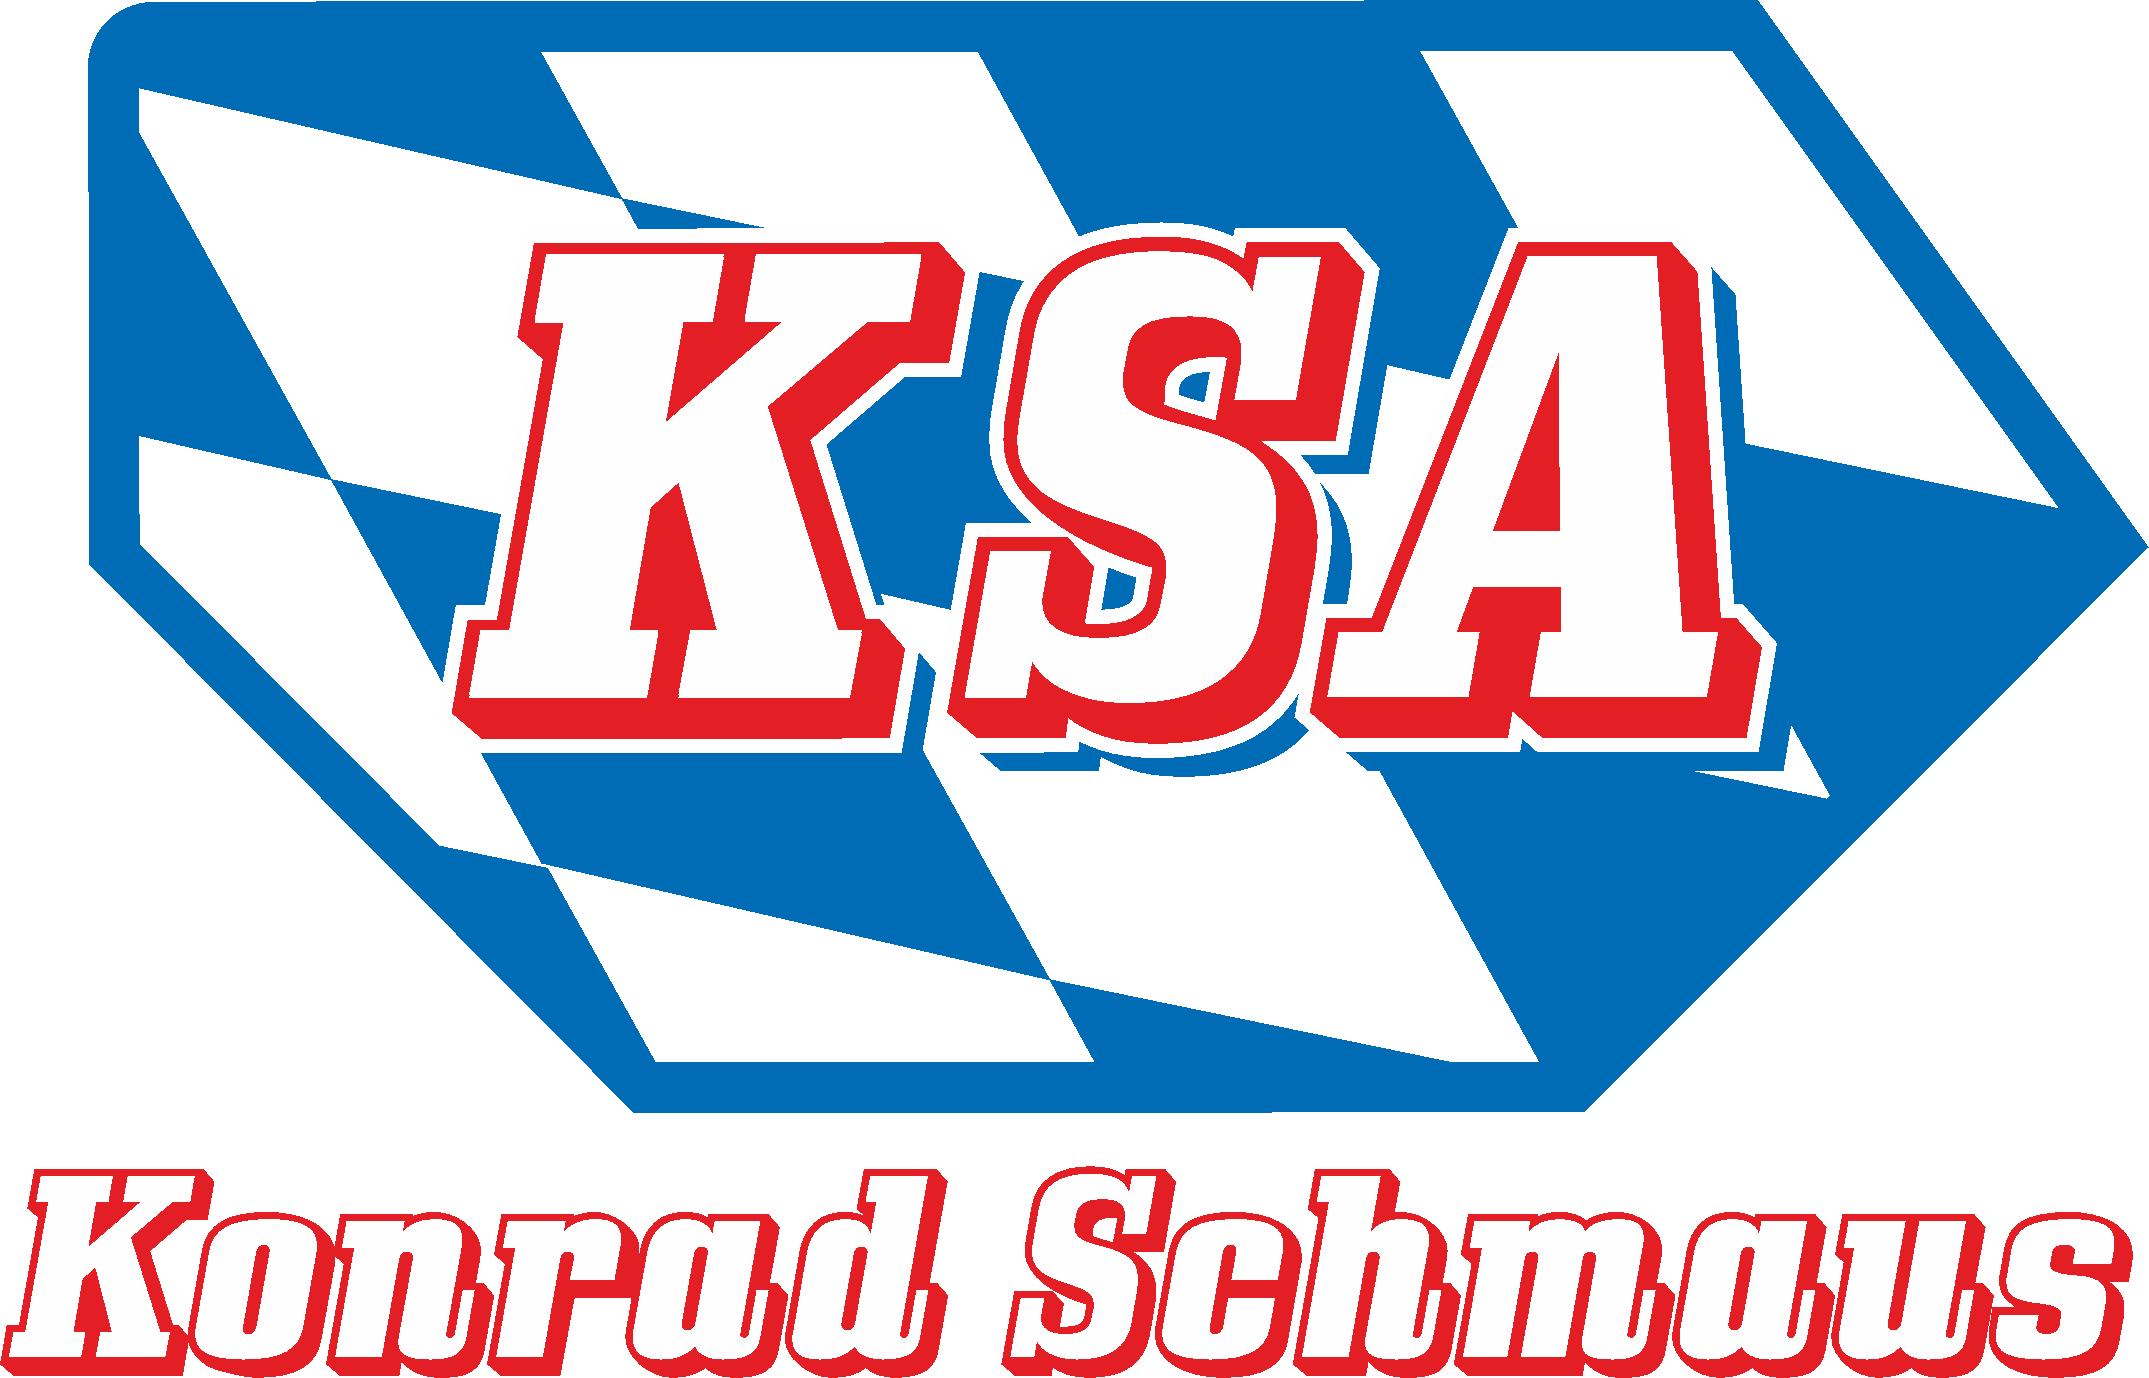 Konrad Schmaus